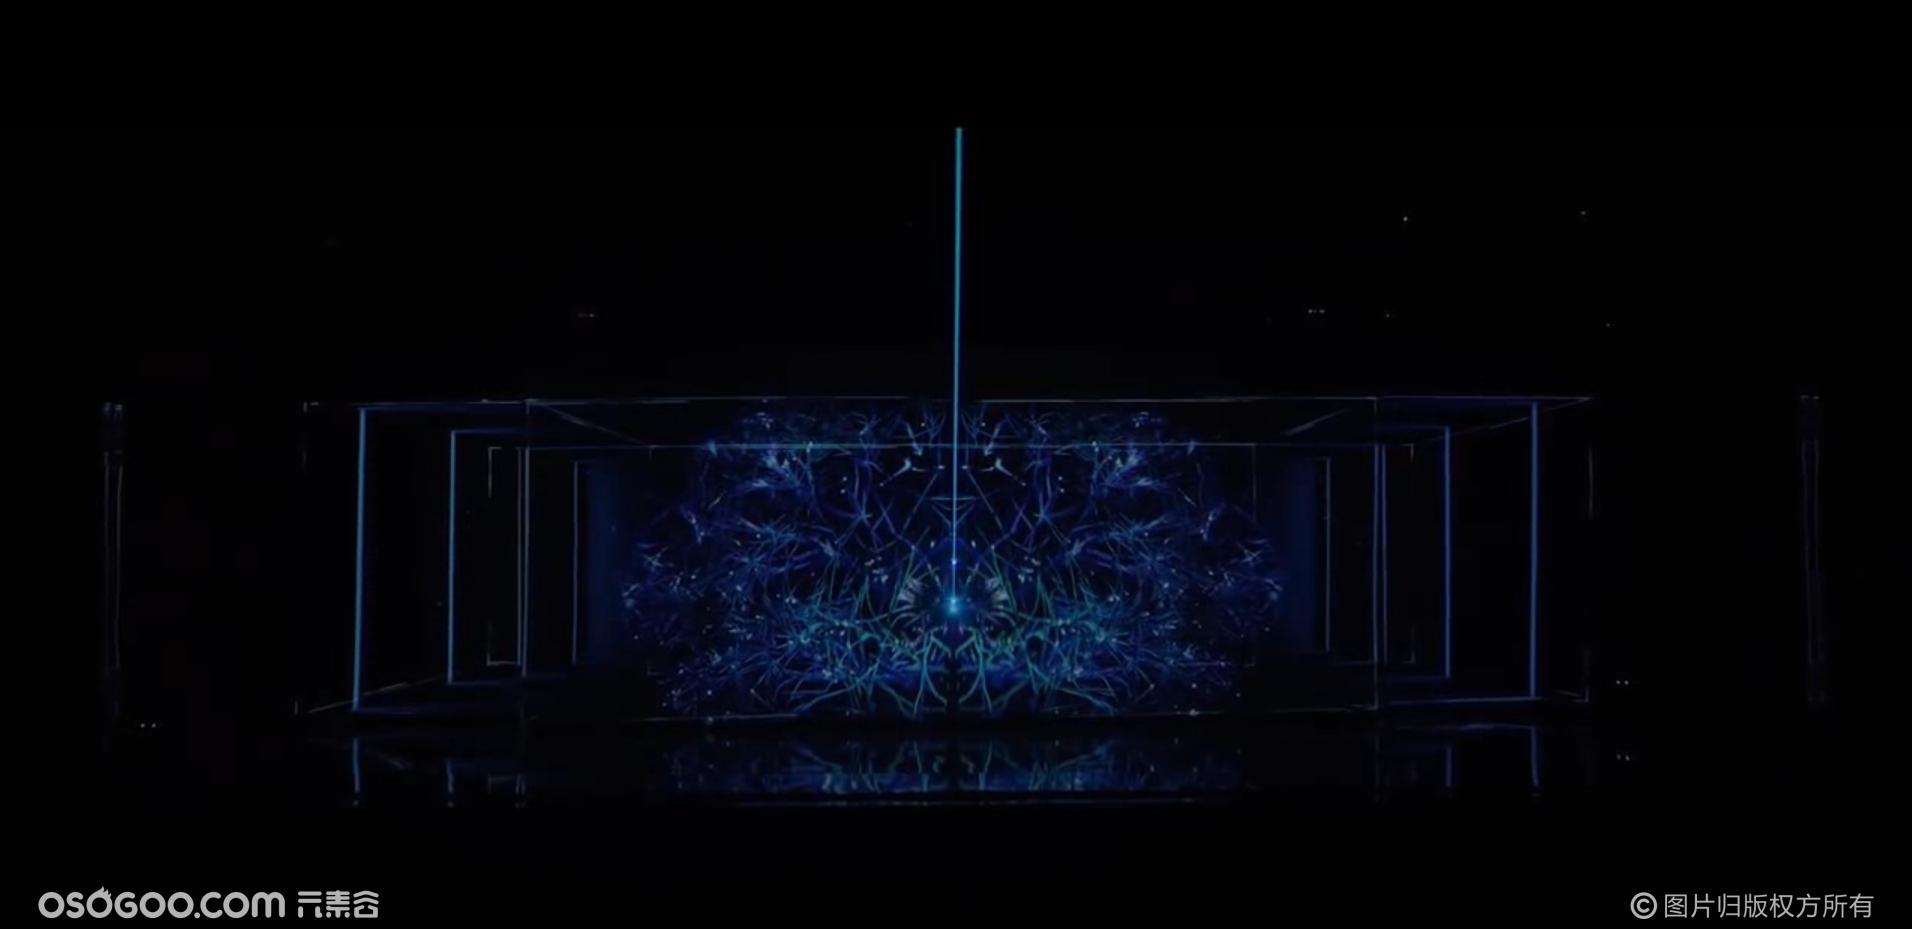 高端汽车发布会全息激光雕刻震撼科技开场表演